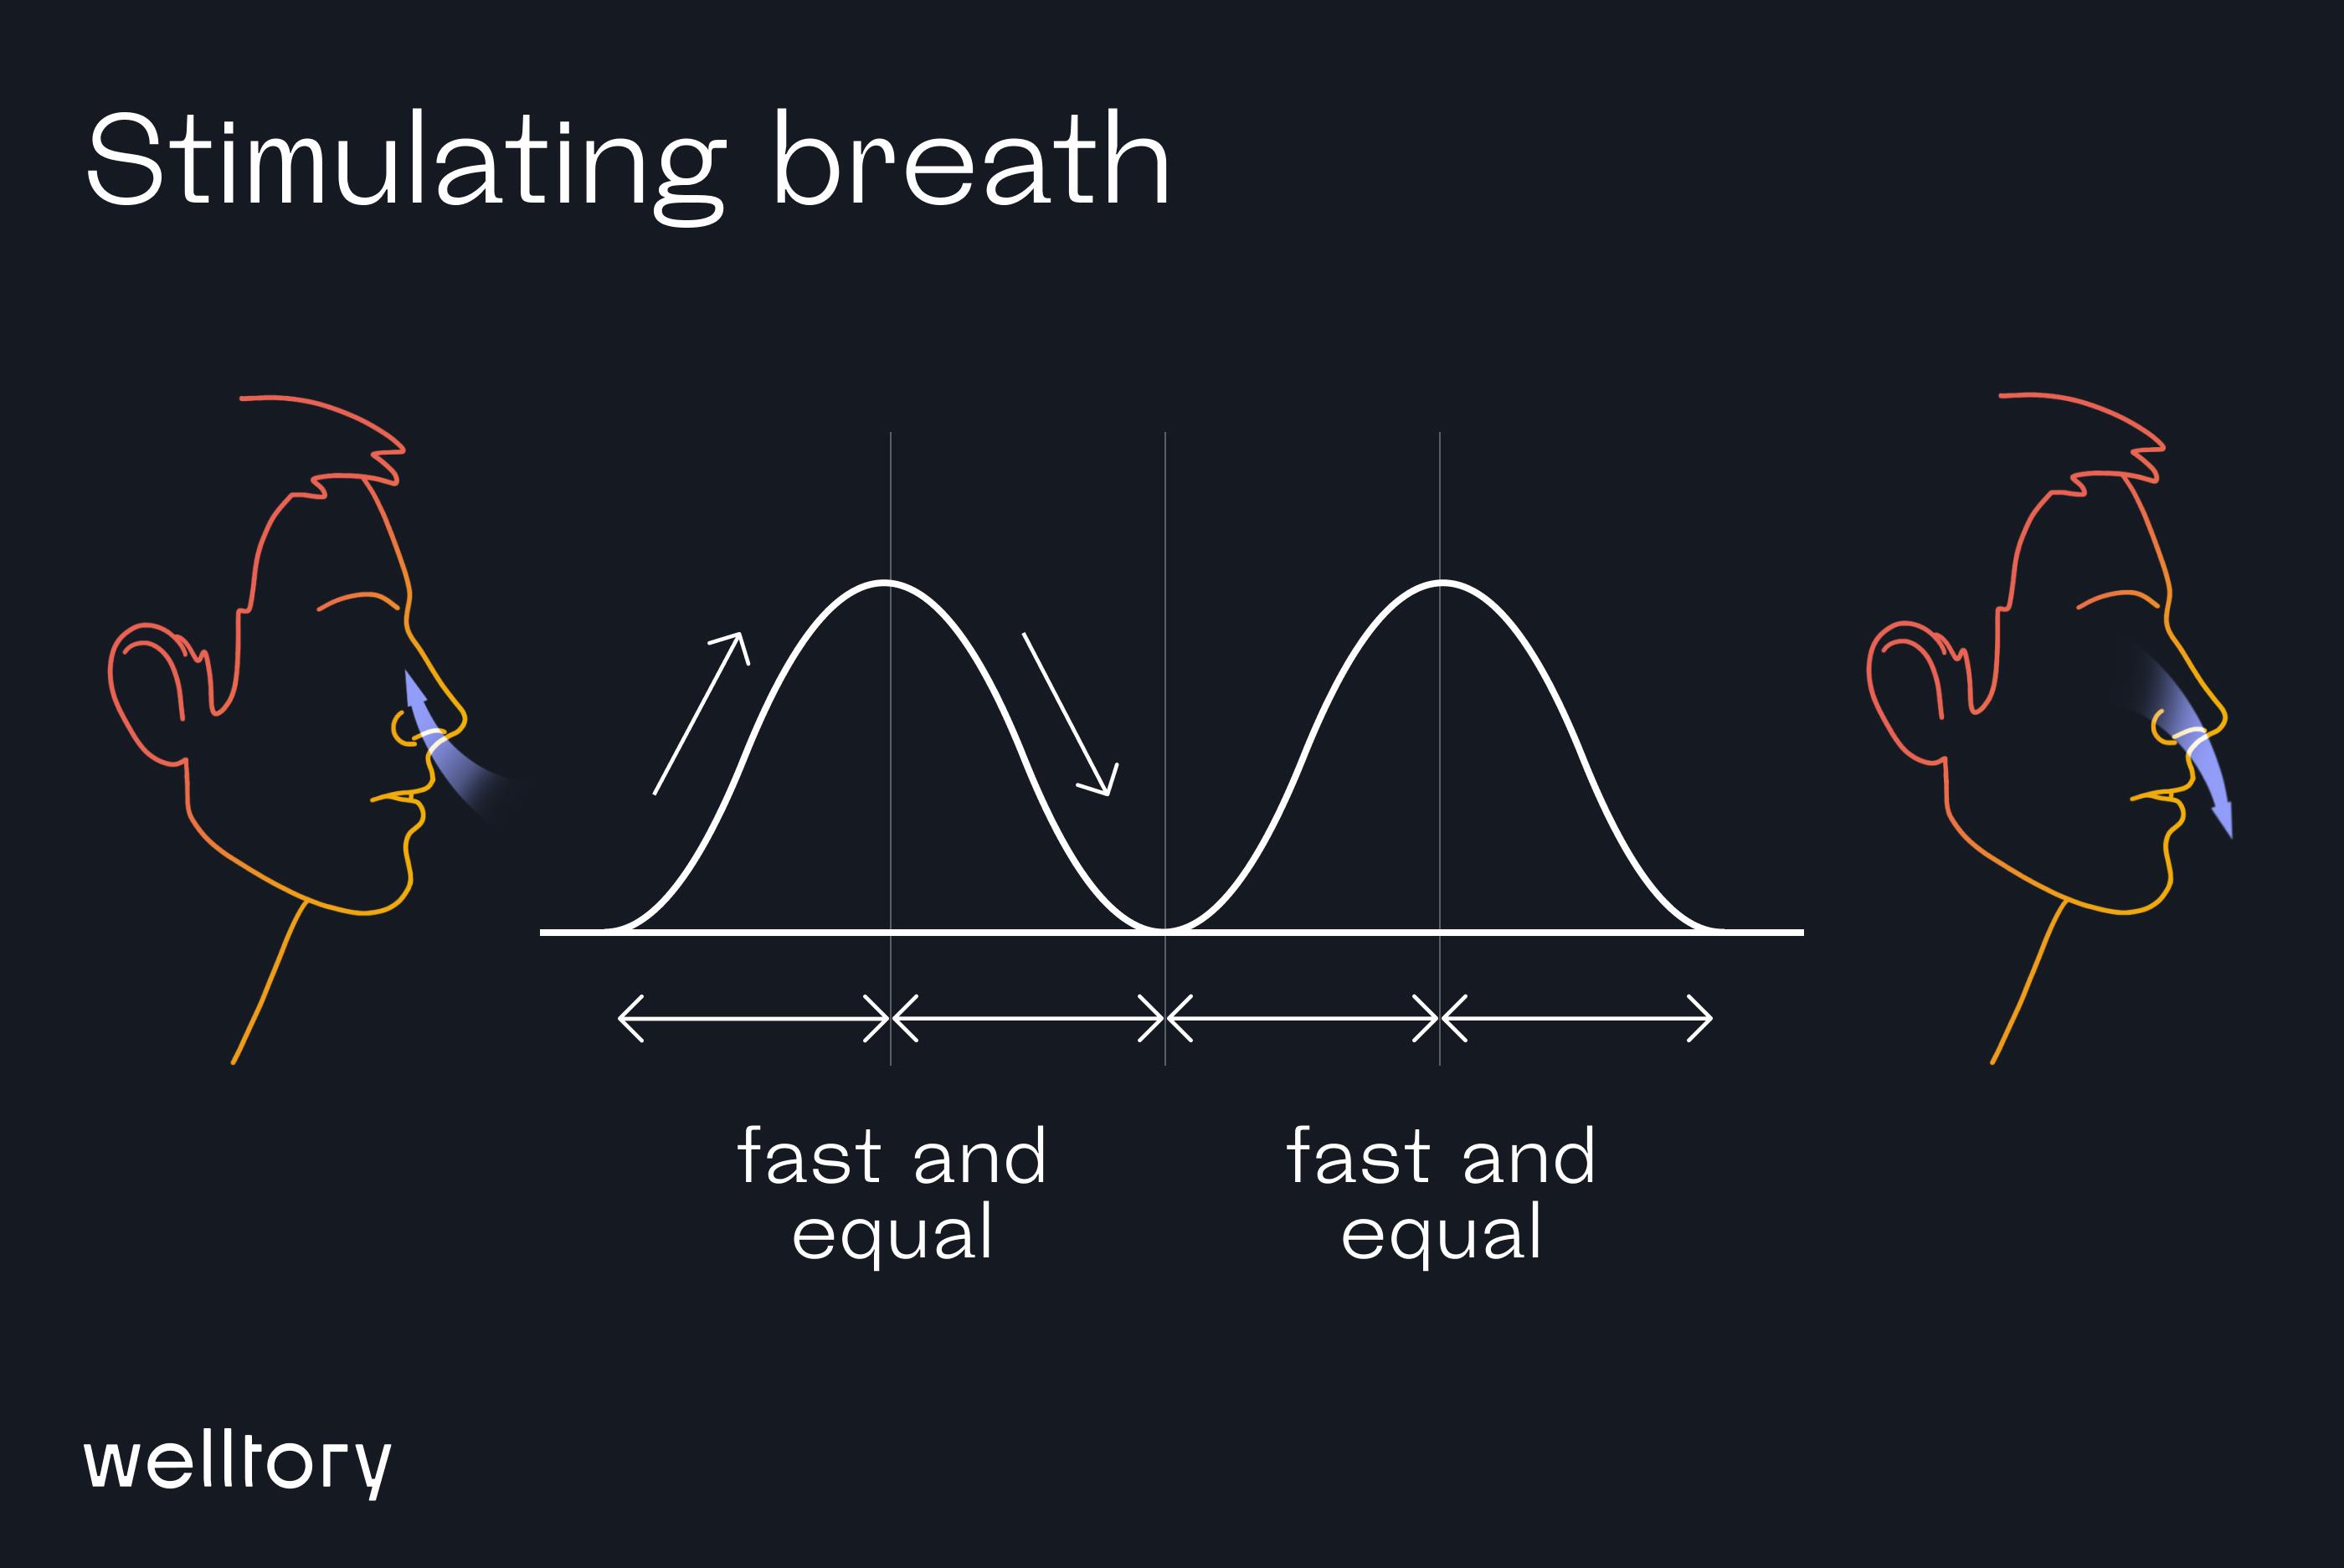 Stimulating breath